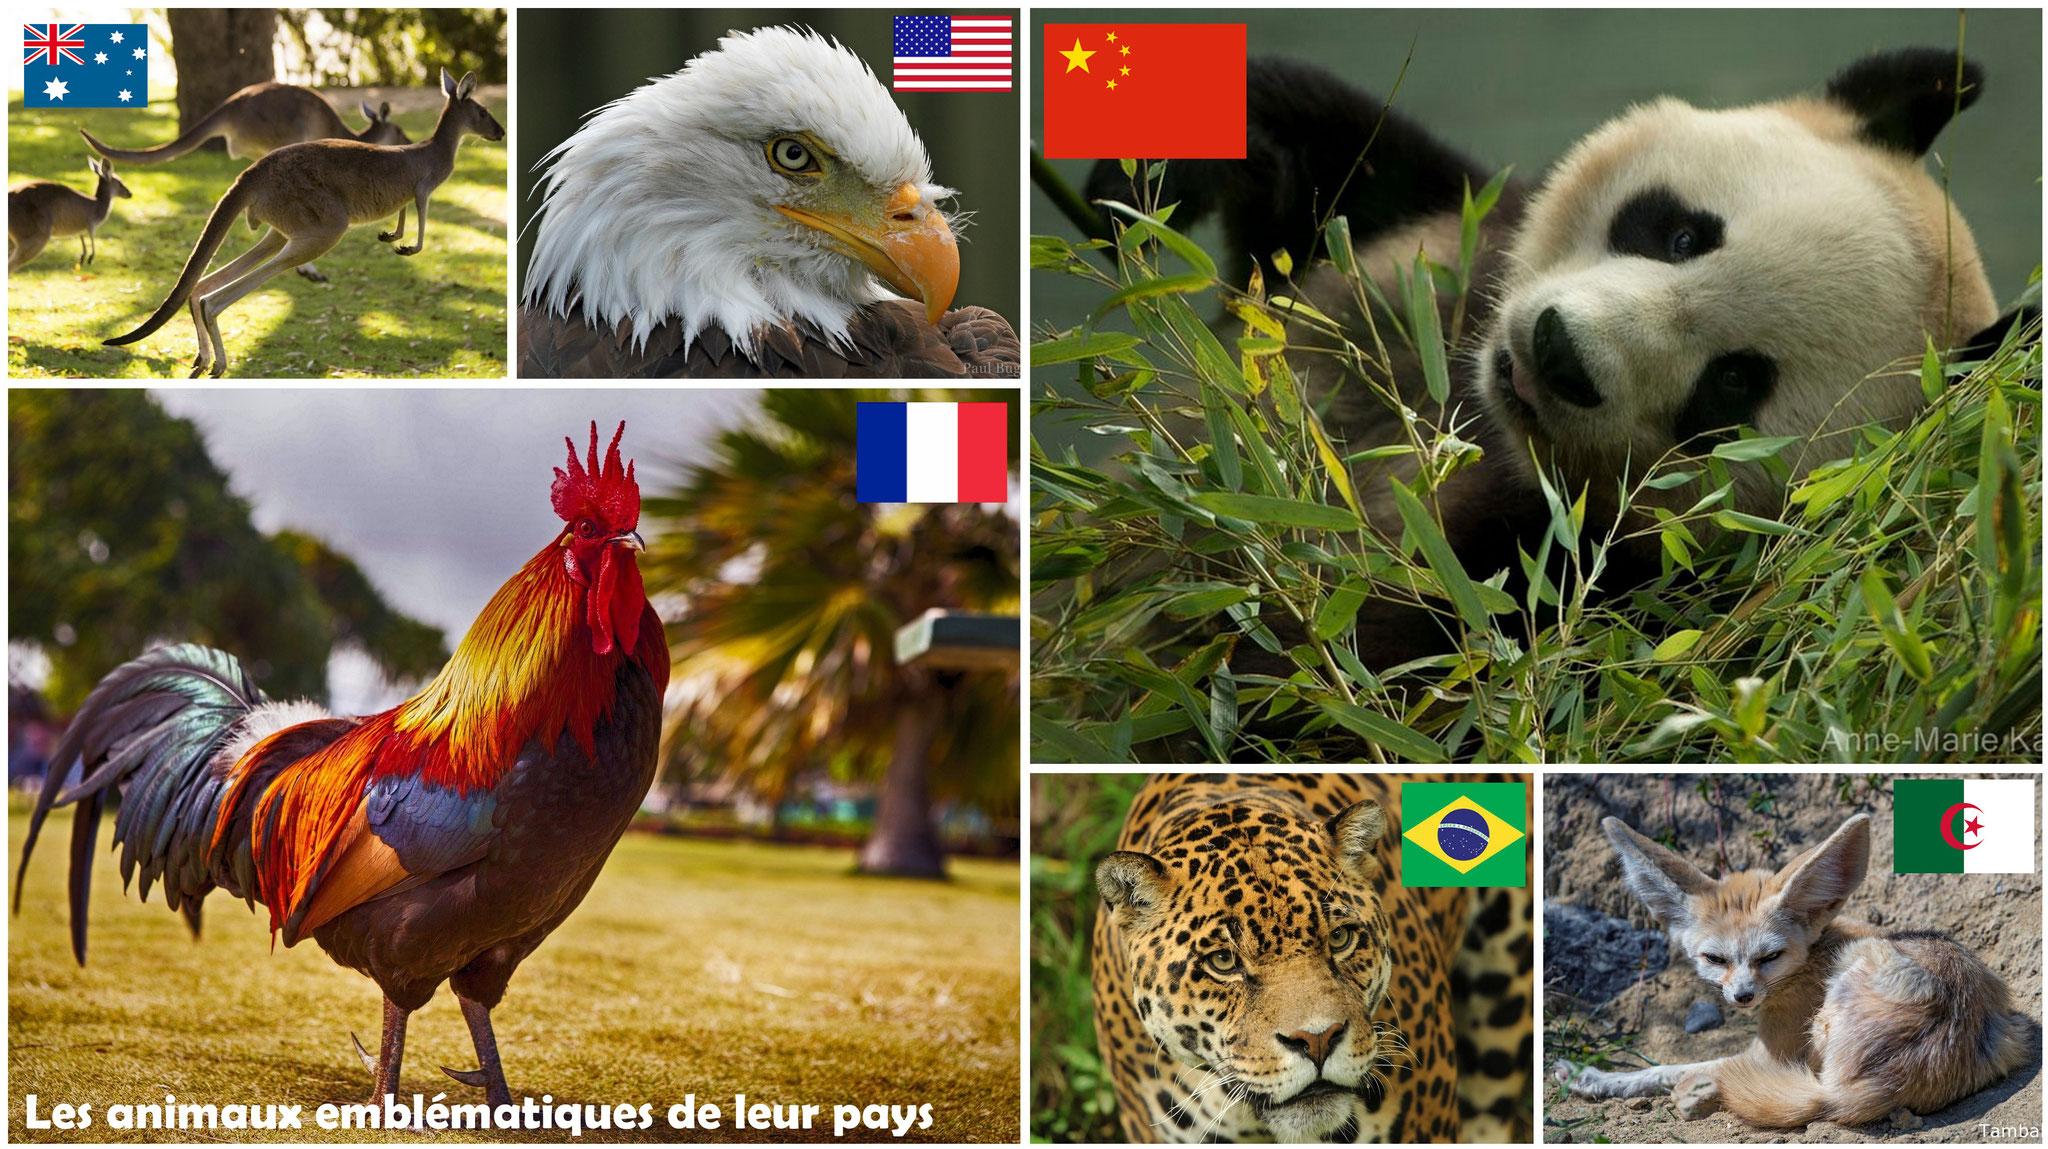 Les animaux emblématiques de leur pays